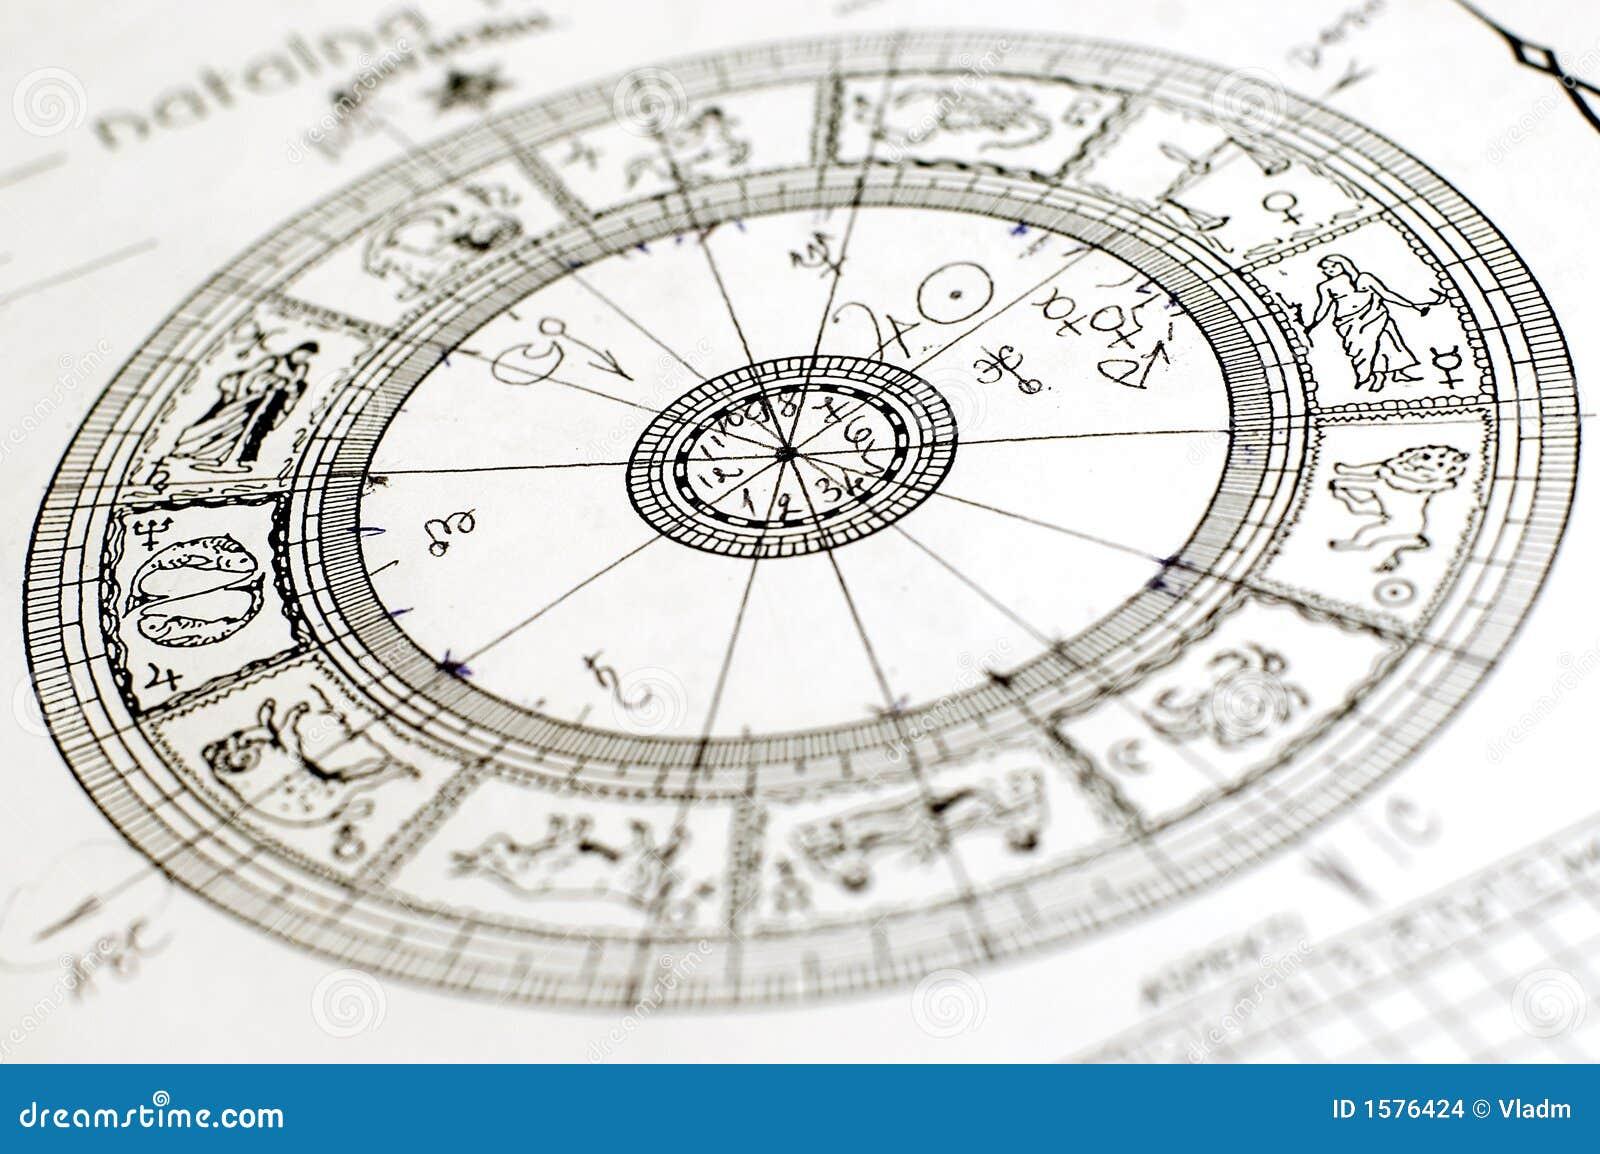 la rueda del zodiaco imagenes de archivo imagen 1576424. Black Bedroom Furniture Sets. Home Design Ideas